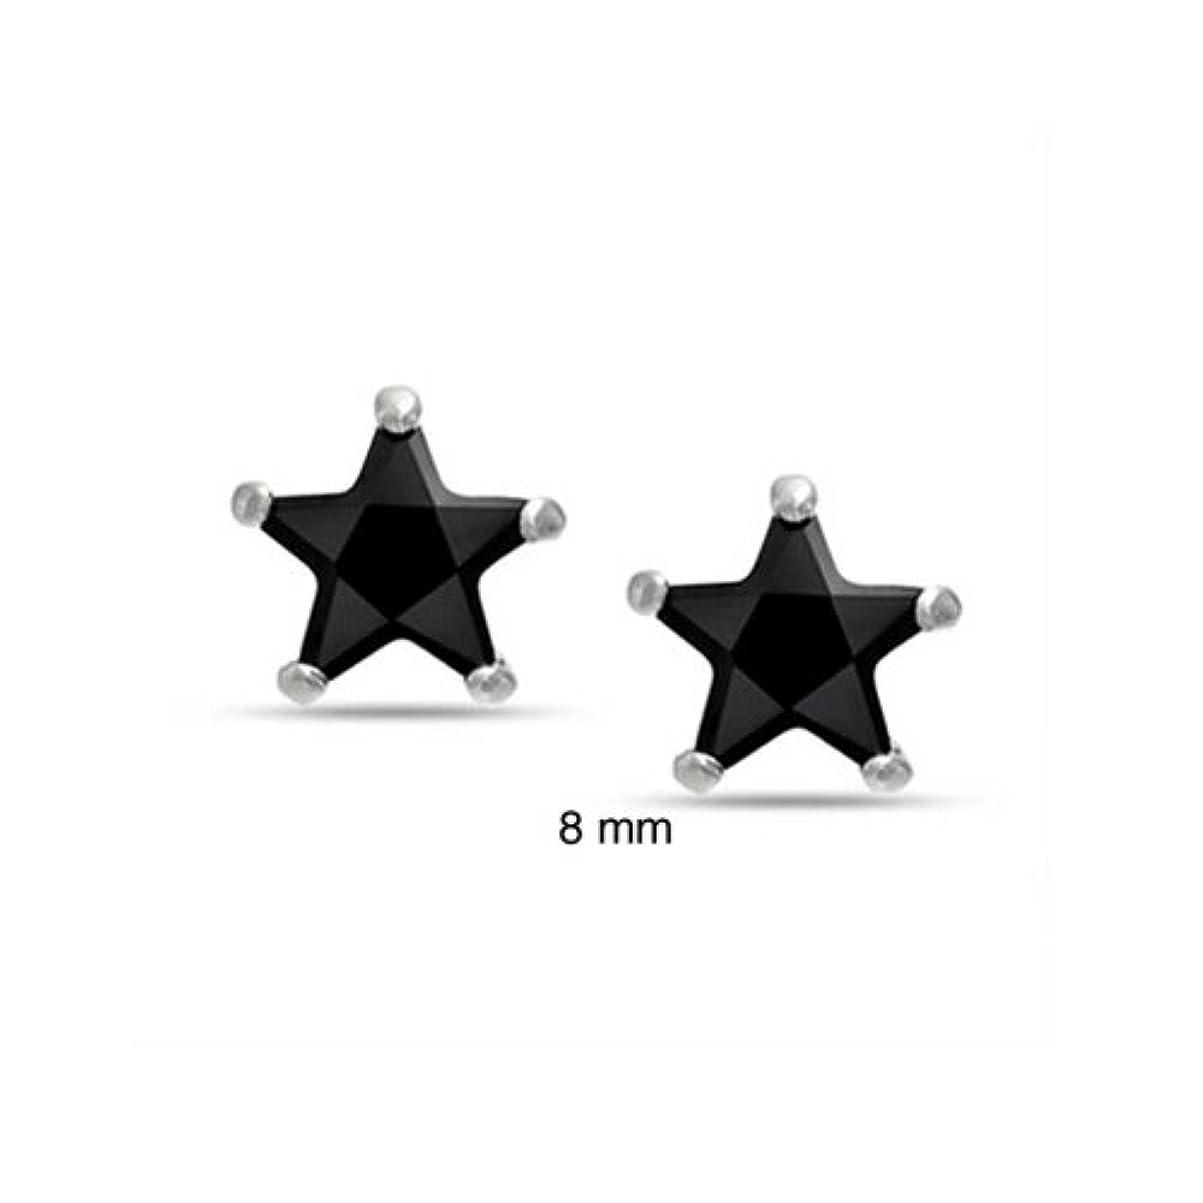 マーティフィールディングそれら公然と[ブリング?ジュエリー] Bling Jewelryスターリング シルバー SILVER 925 キラキラ CZ ブラック スター 星型 スタッド ピアス 8mm [インポート]